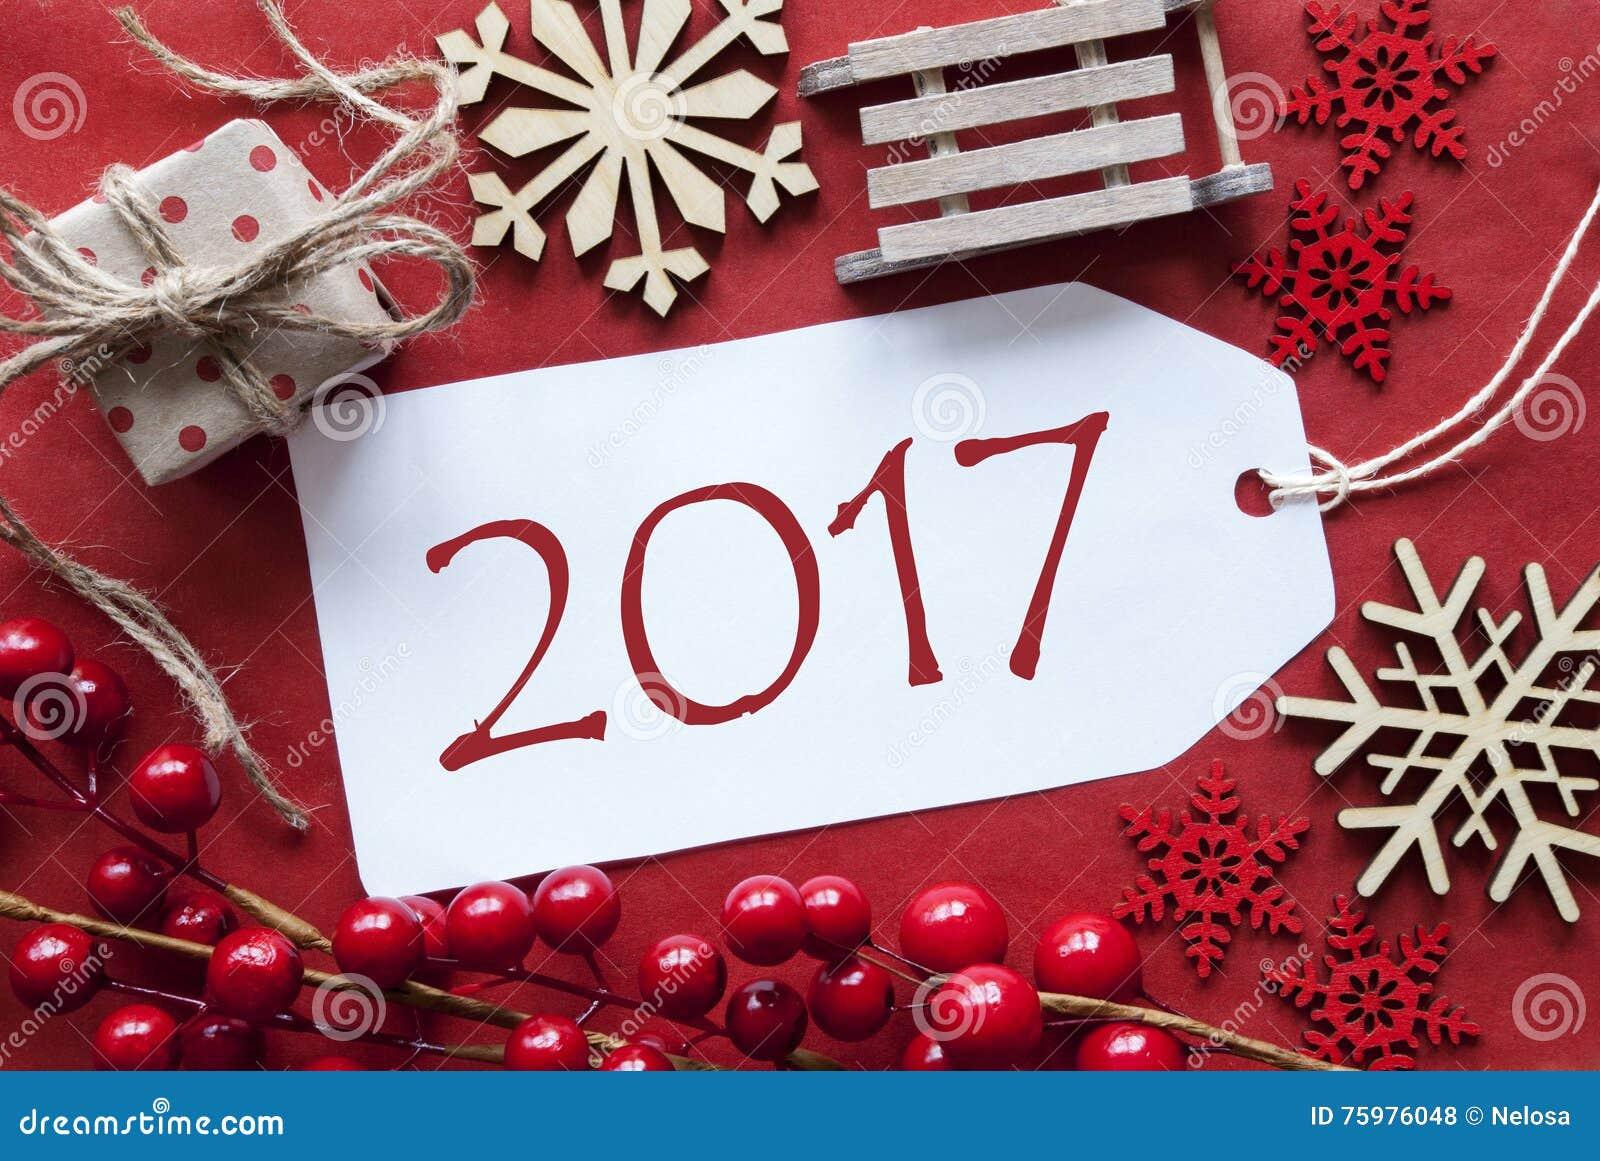 Etiqueta con la decoraci n de la navidad texto 2017 foto de archivo imagen 75976048 - Decoracion de navidad 2017 ...